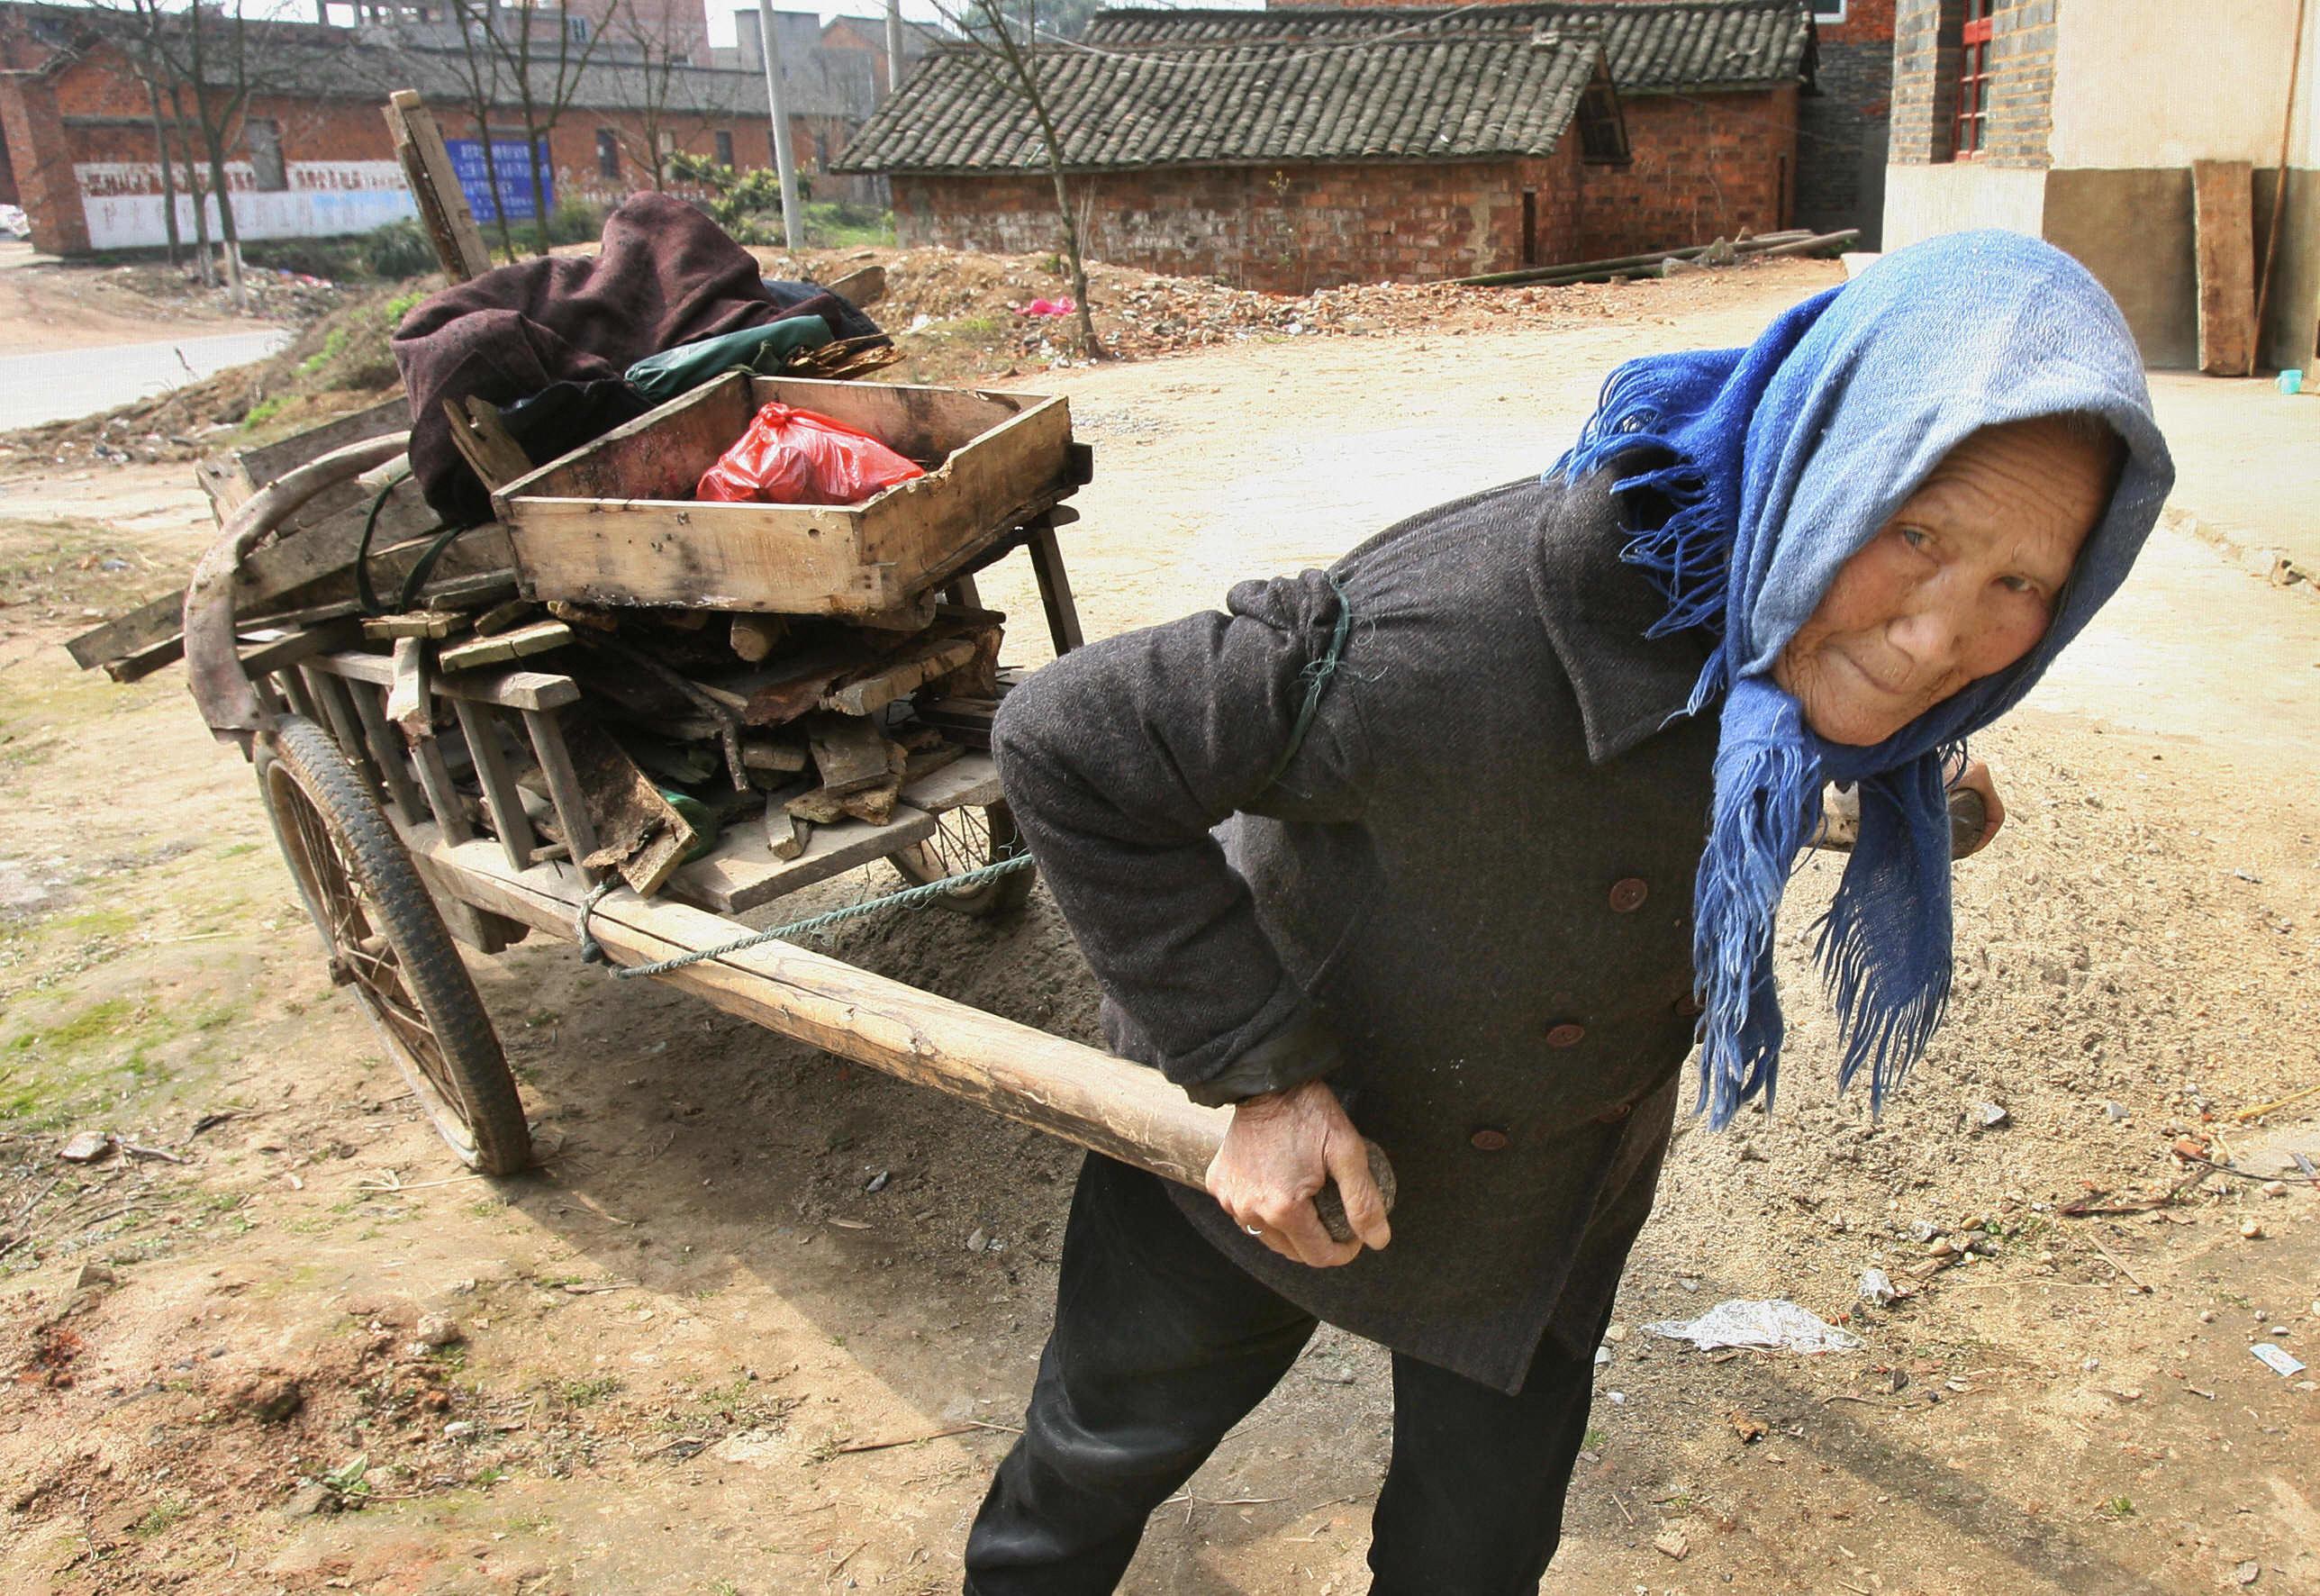 孤獨和遭遺棄:中國農村老人境況令人心碎